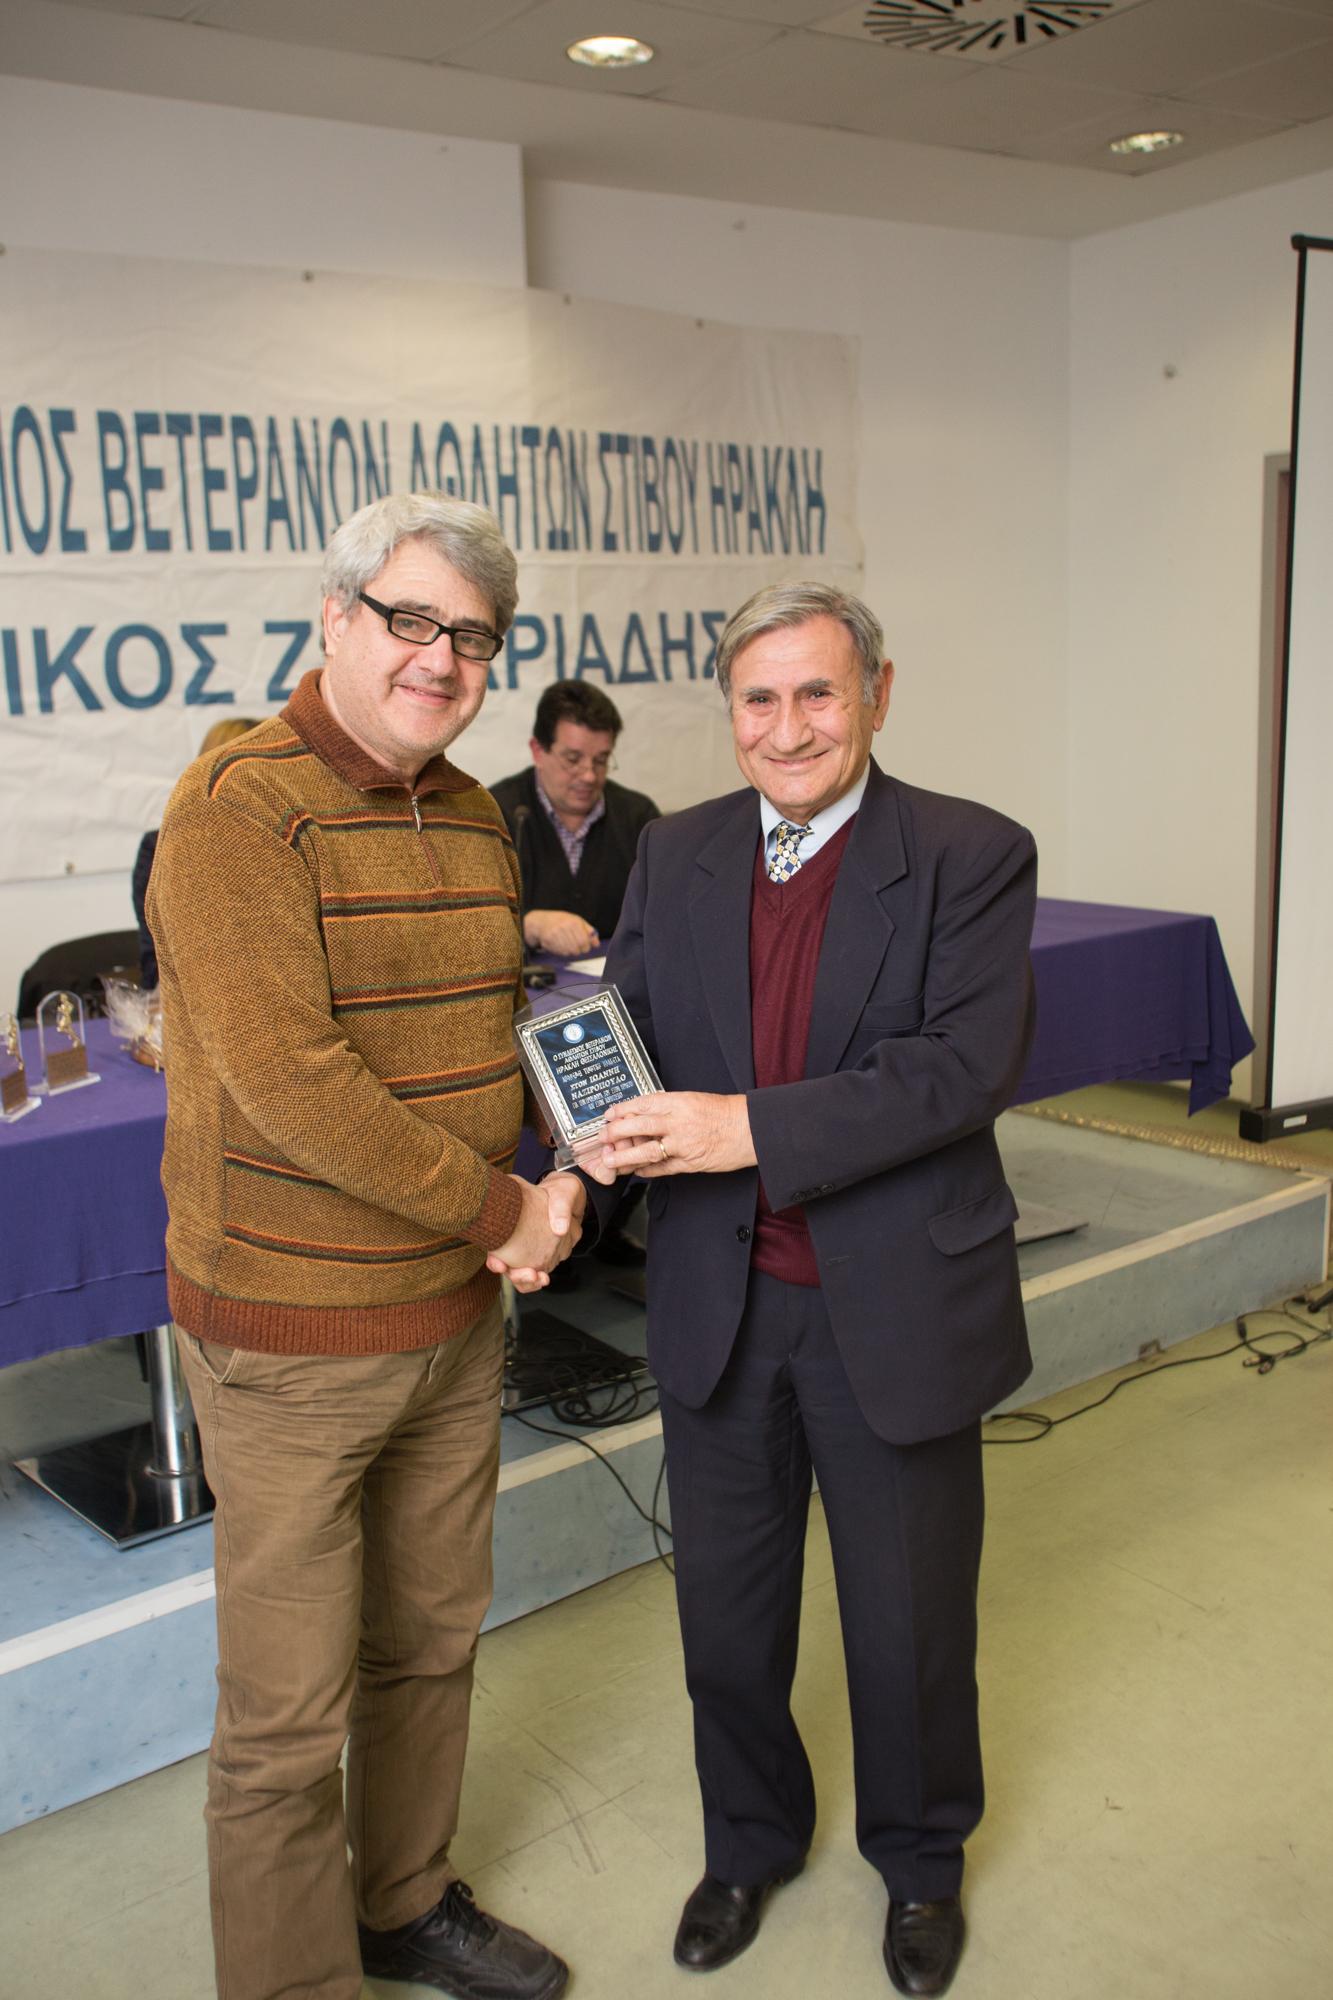 Ναζιρόπουλος Γιάν. βραβείο από Σάββα Τιμονίδη